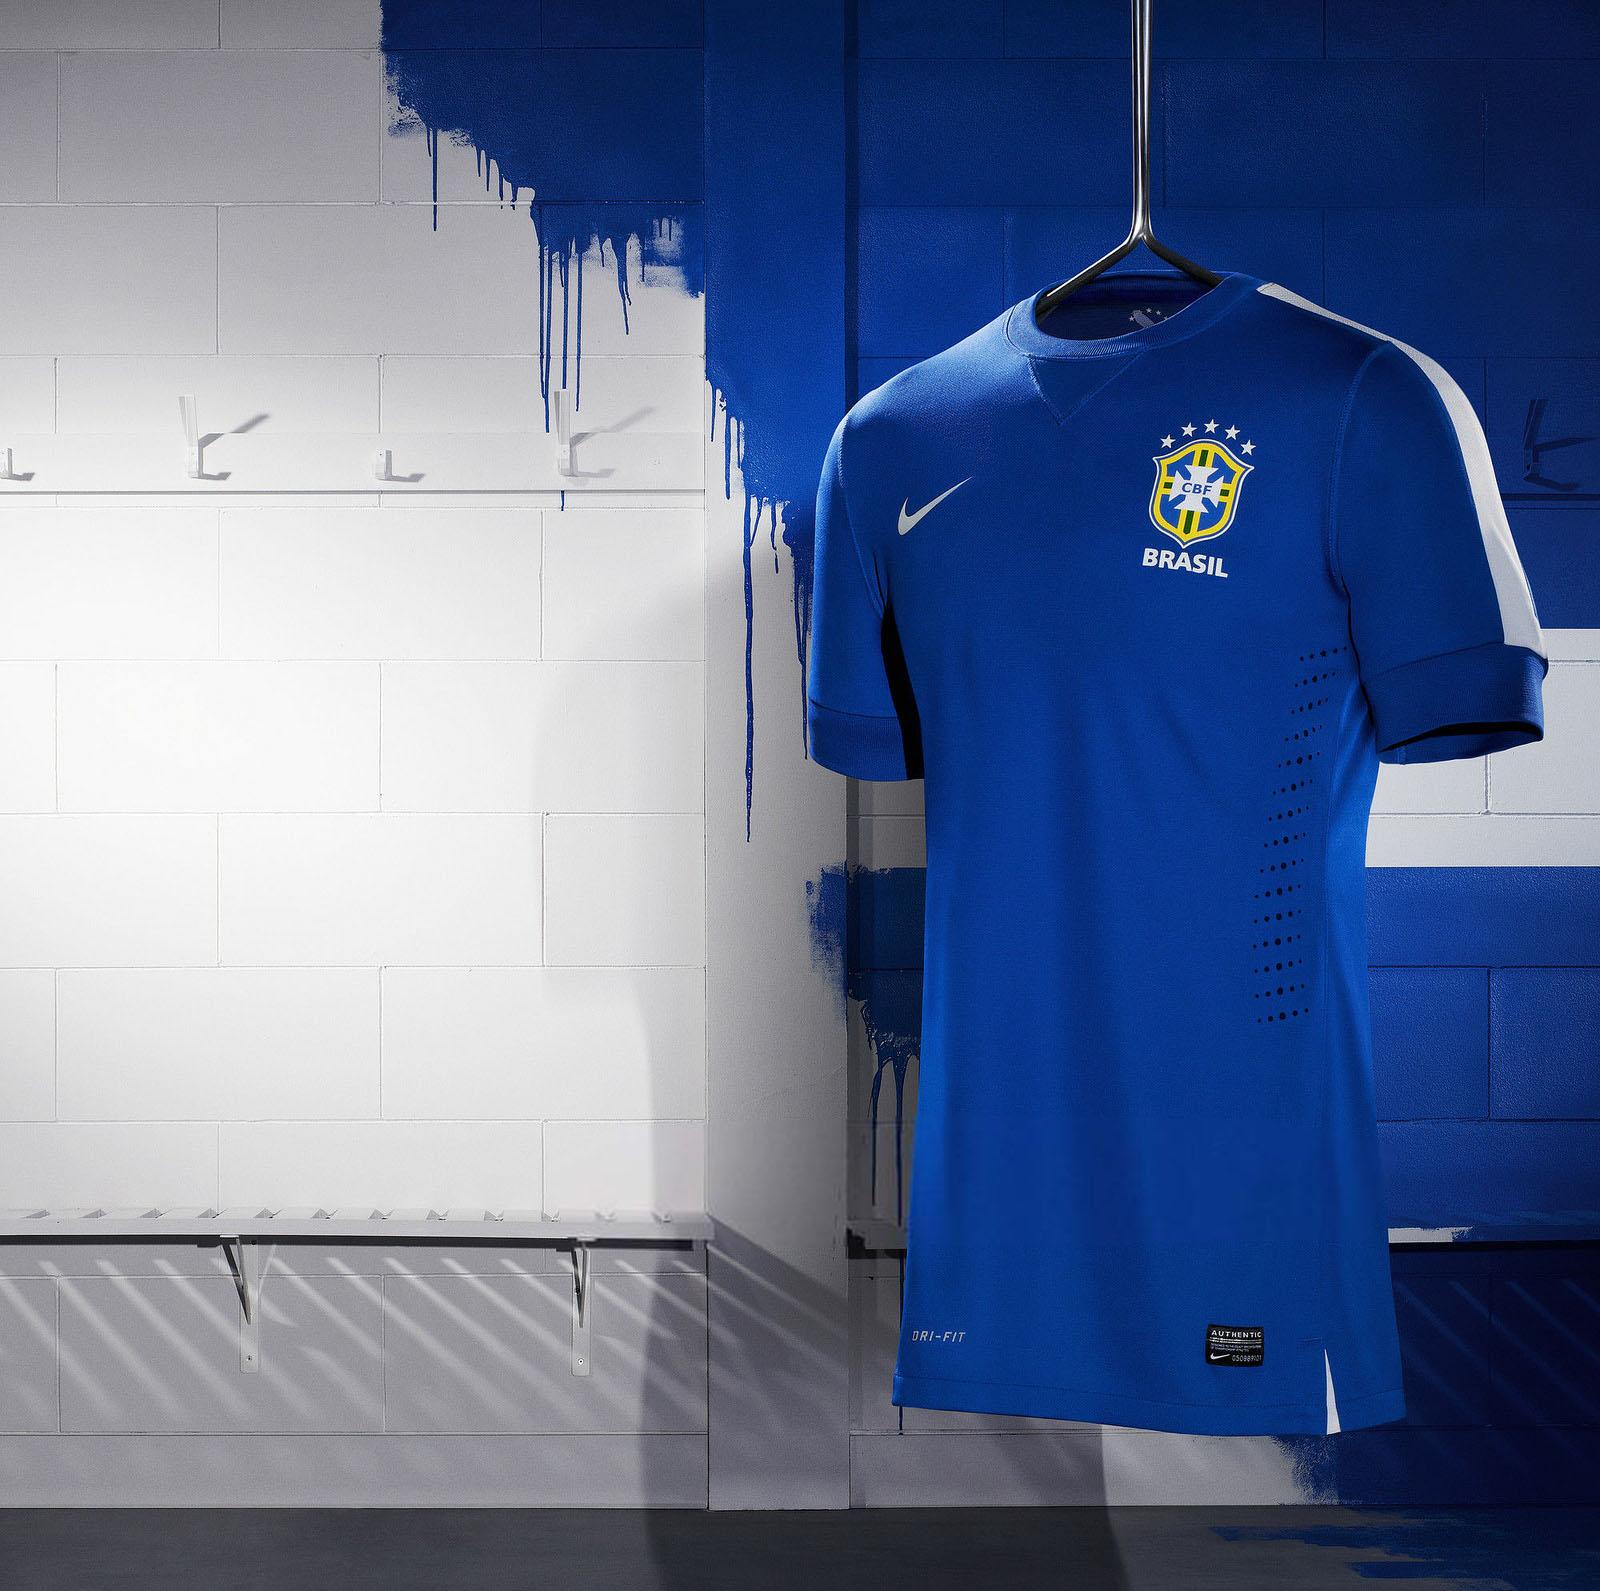 Brazil 2014 Kit